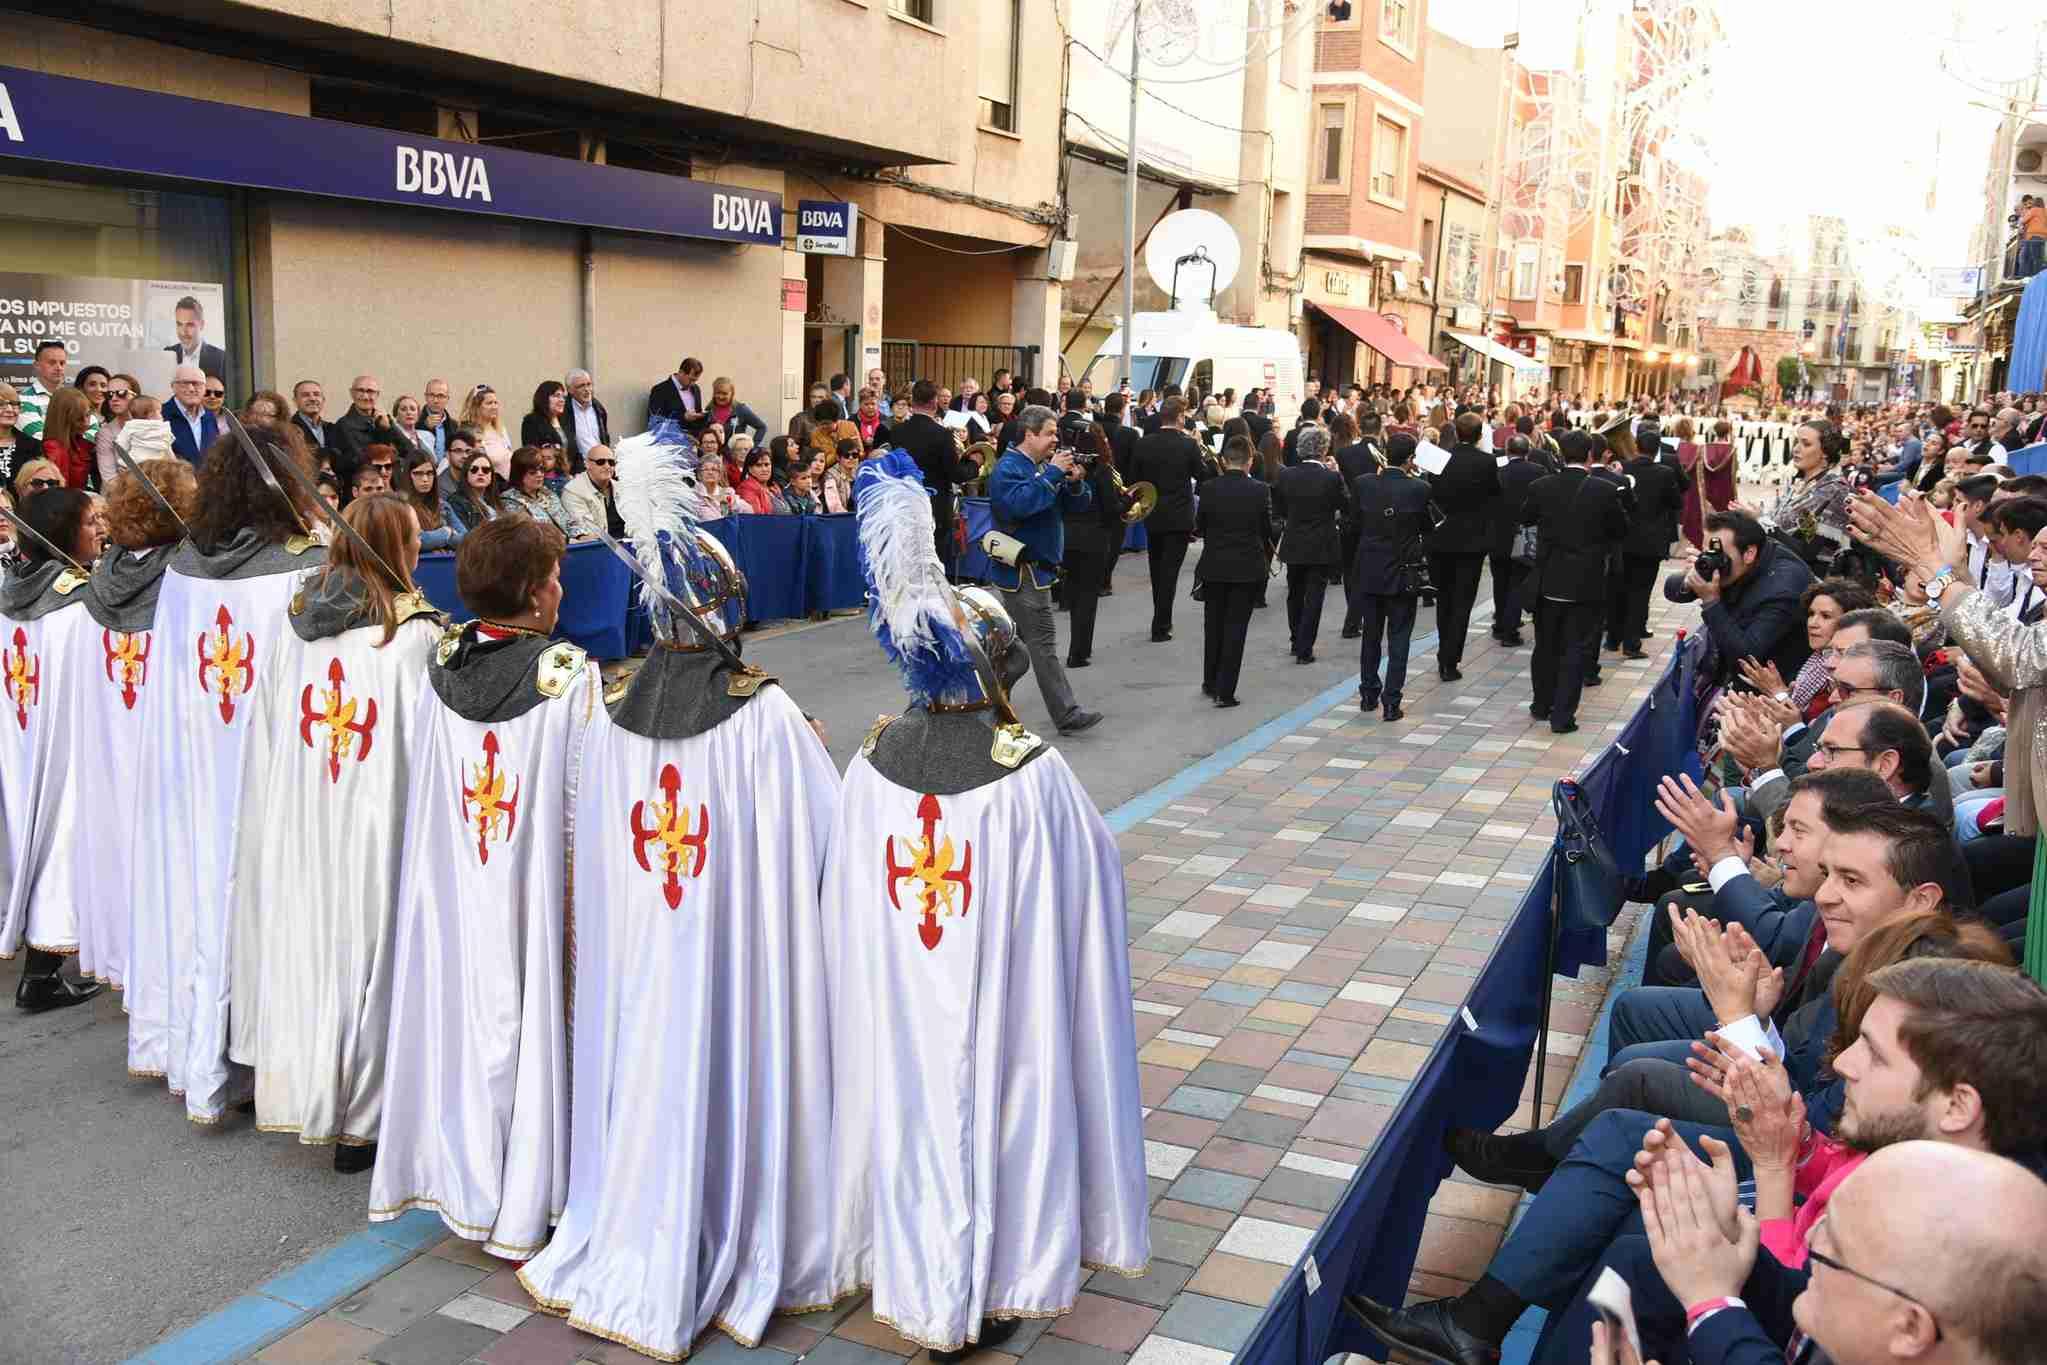 El Gobierno de Castilla-La Mancha felicita a la localidad de Almansa tras lograr que sus Fiestas Mayores sean de Interés Turístico Internacional 2